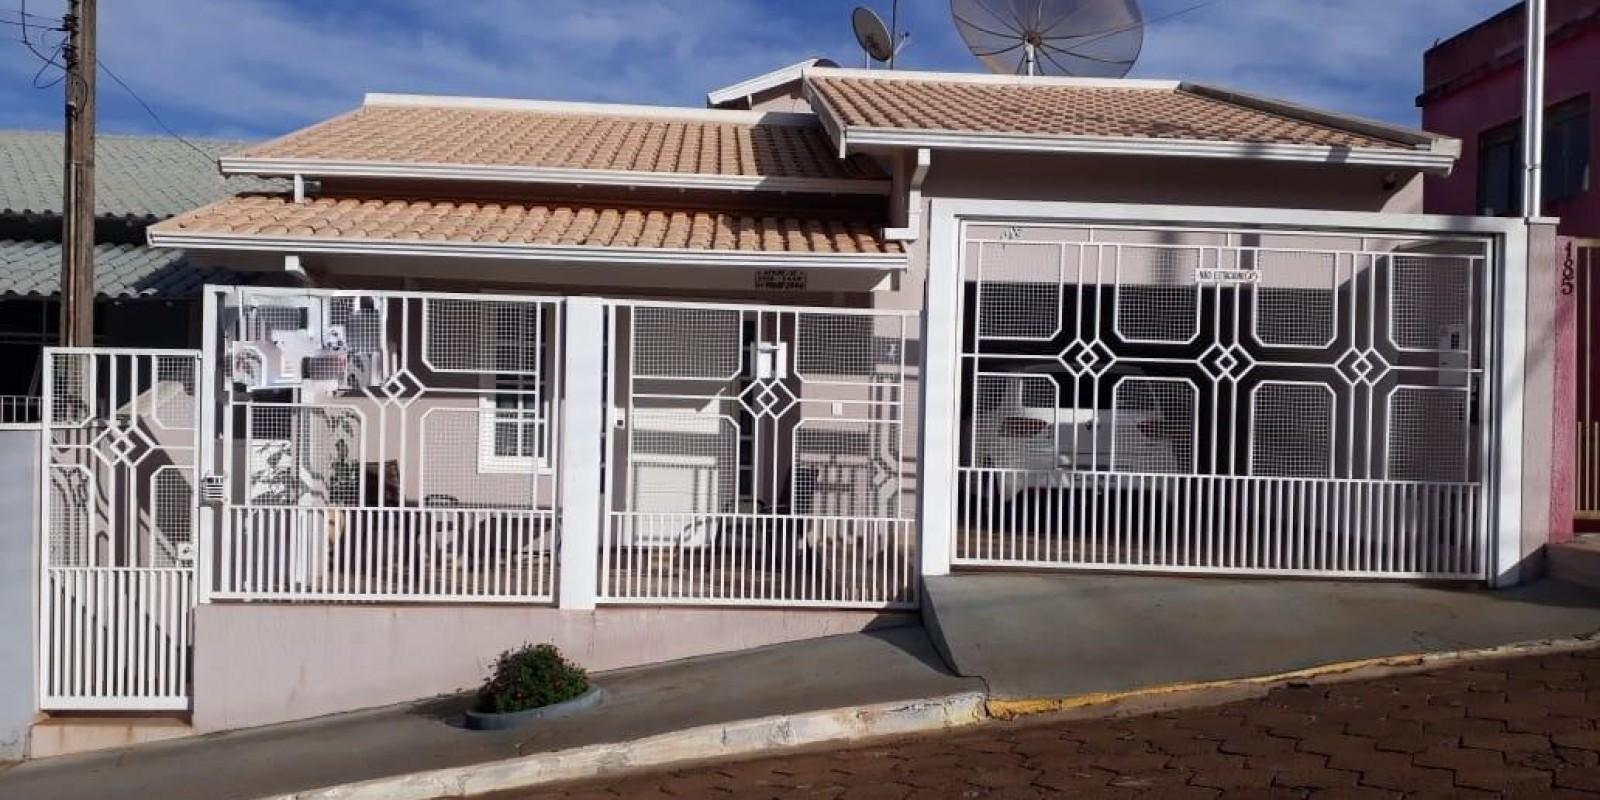 Casa no Centro de Taquarituba SP - Foto 8 de 19